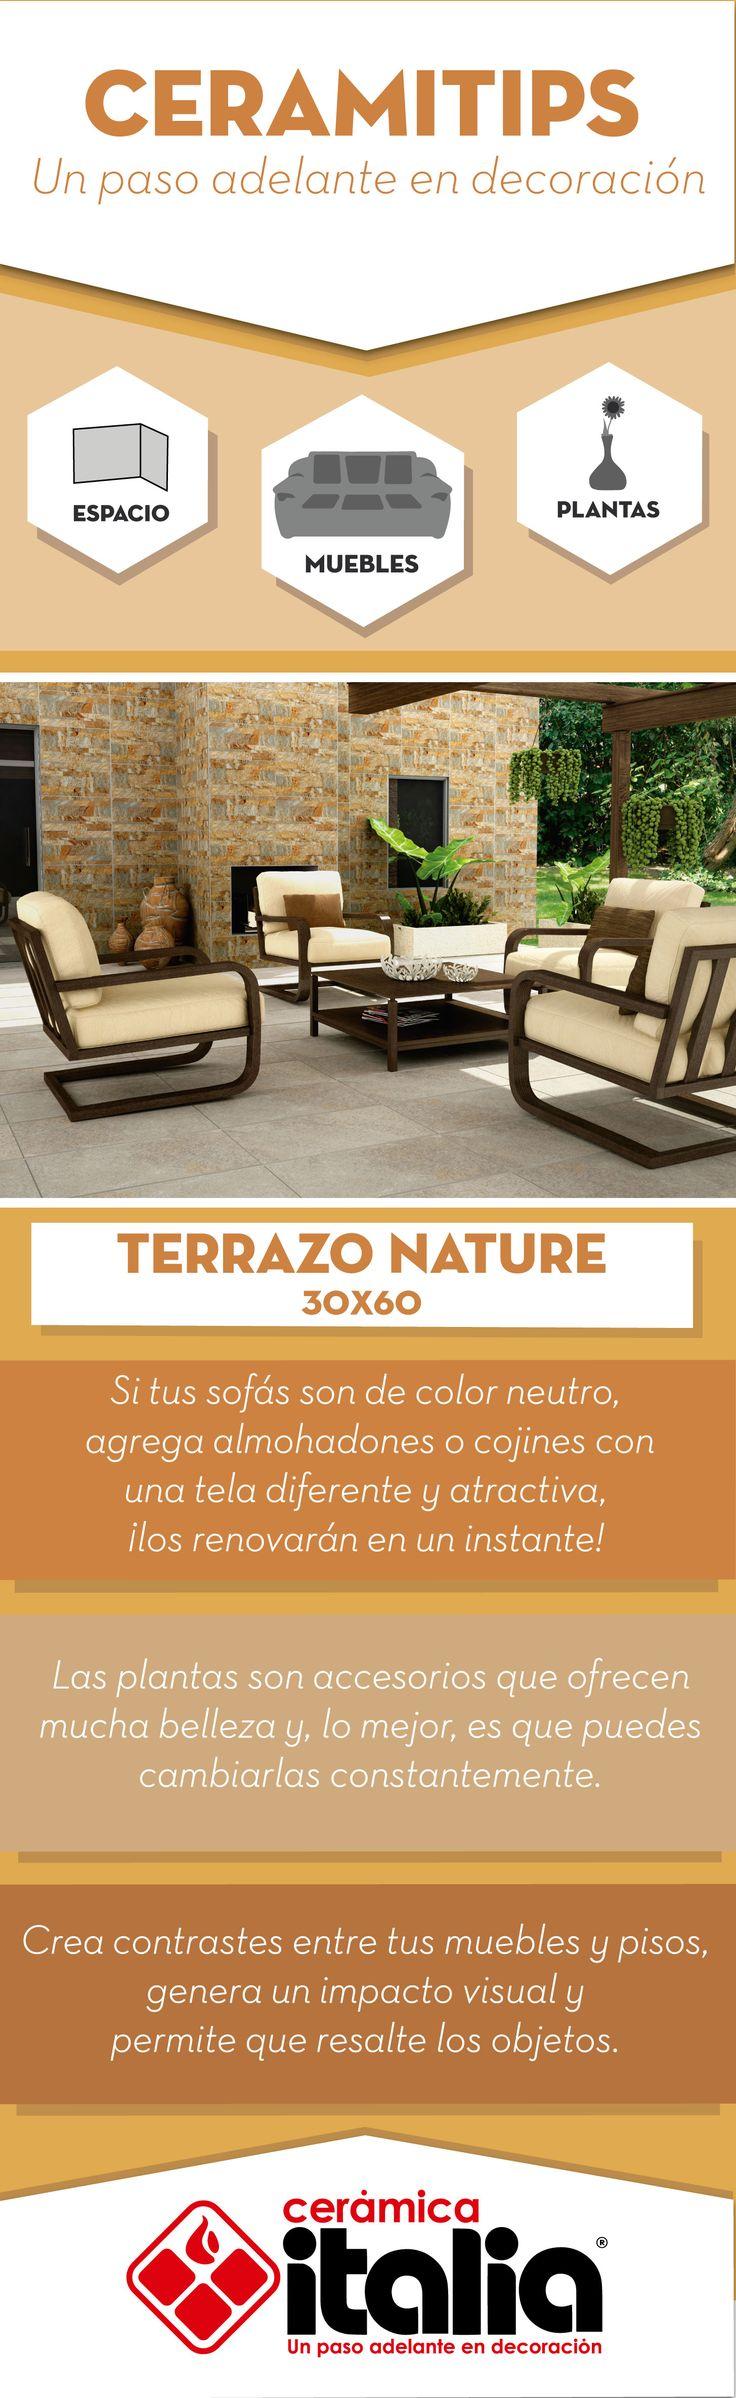 Crea contrastes entre tus muebles y pisos, genera un impacto visual y permite que resalte los objetos. #Exterirores #Outdoor #Cojines #Cushions #Planta #Plan #Madera #Amarillo #Yellow